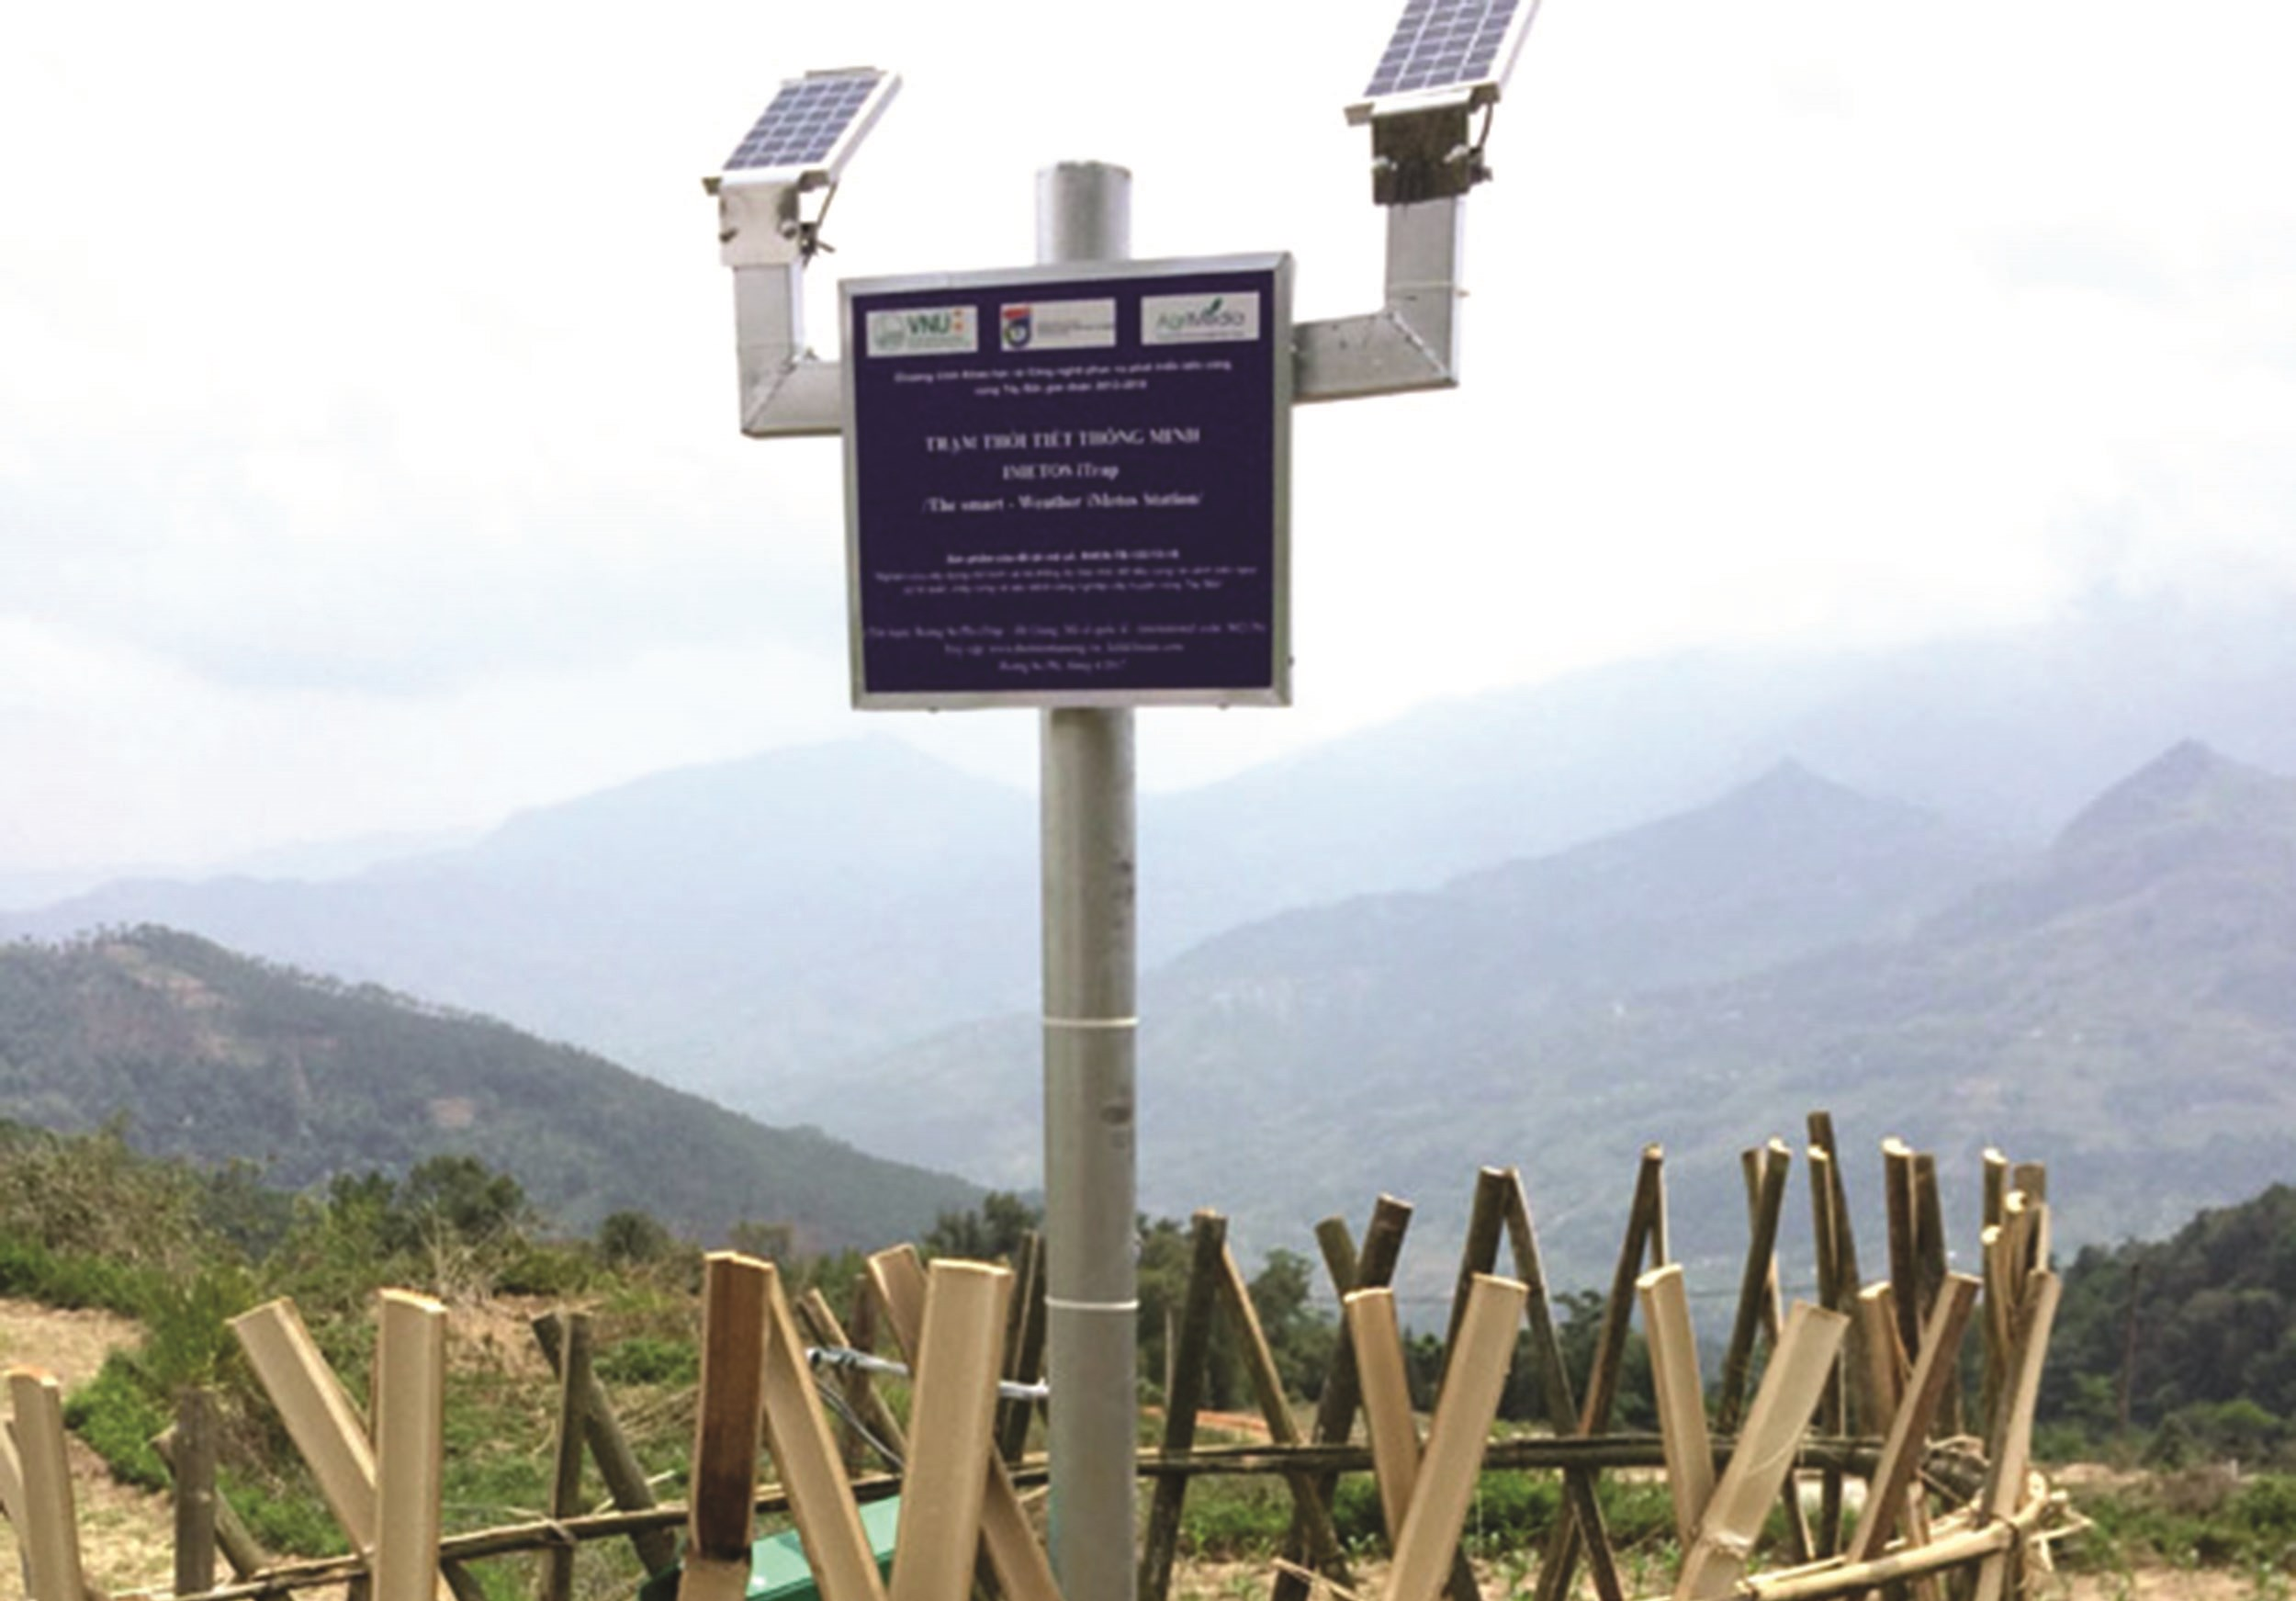 Trạm thời tiết thông minh được lắp đặt tại xã Bản Péo, huyện Hoàng Su Phì (Hà Giang). (Ảnh TL)